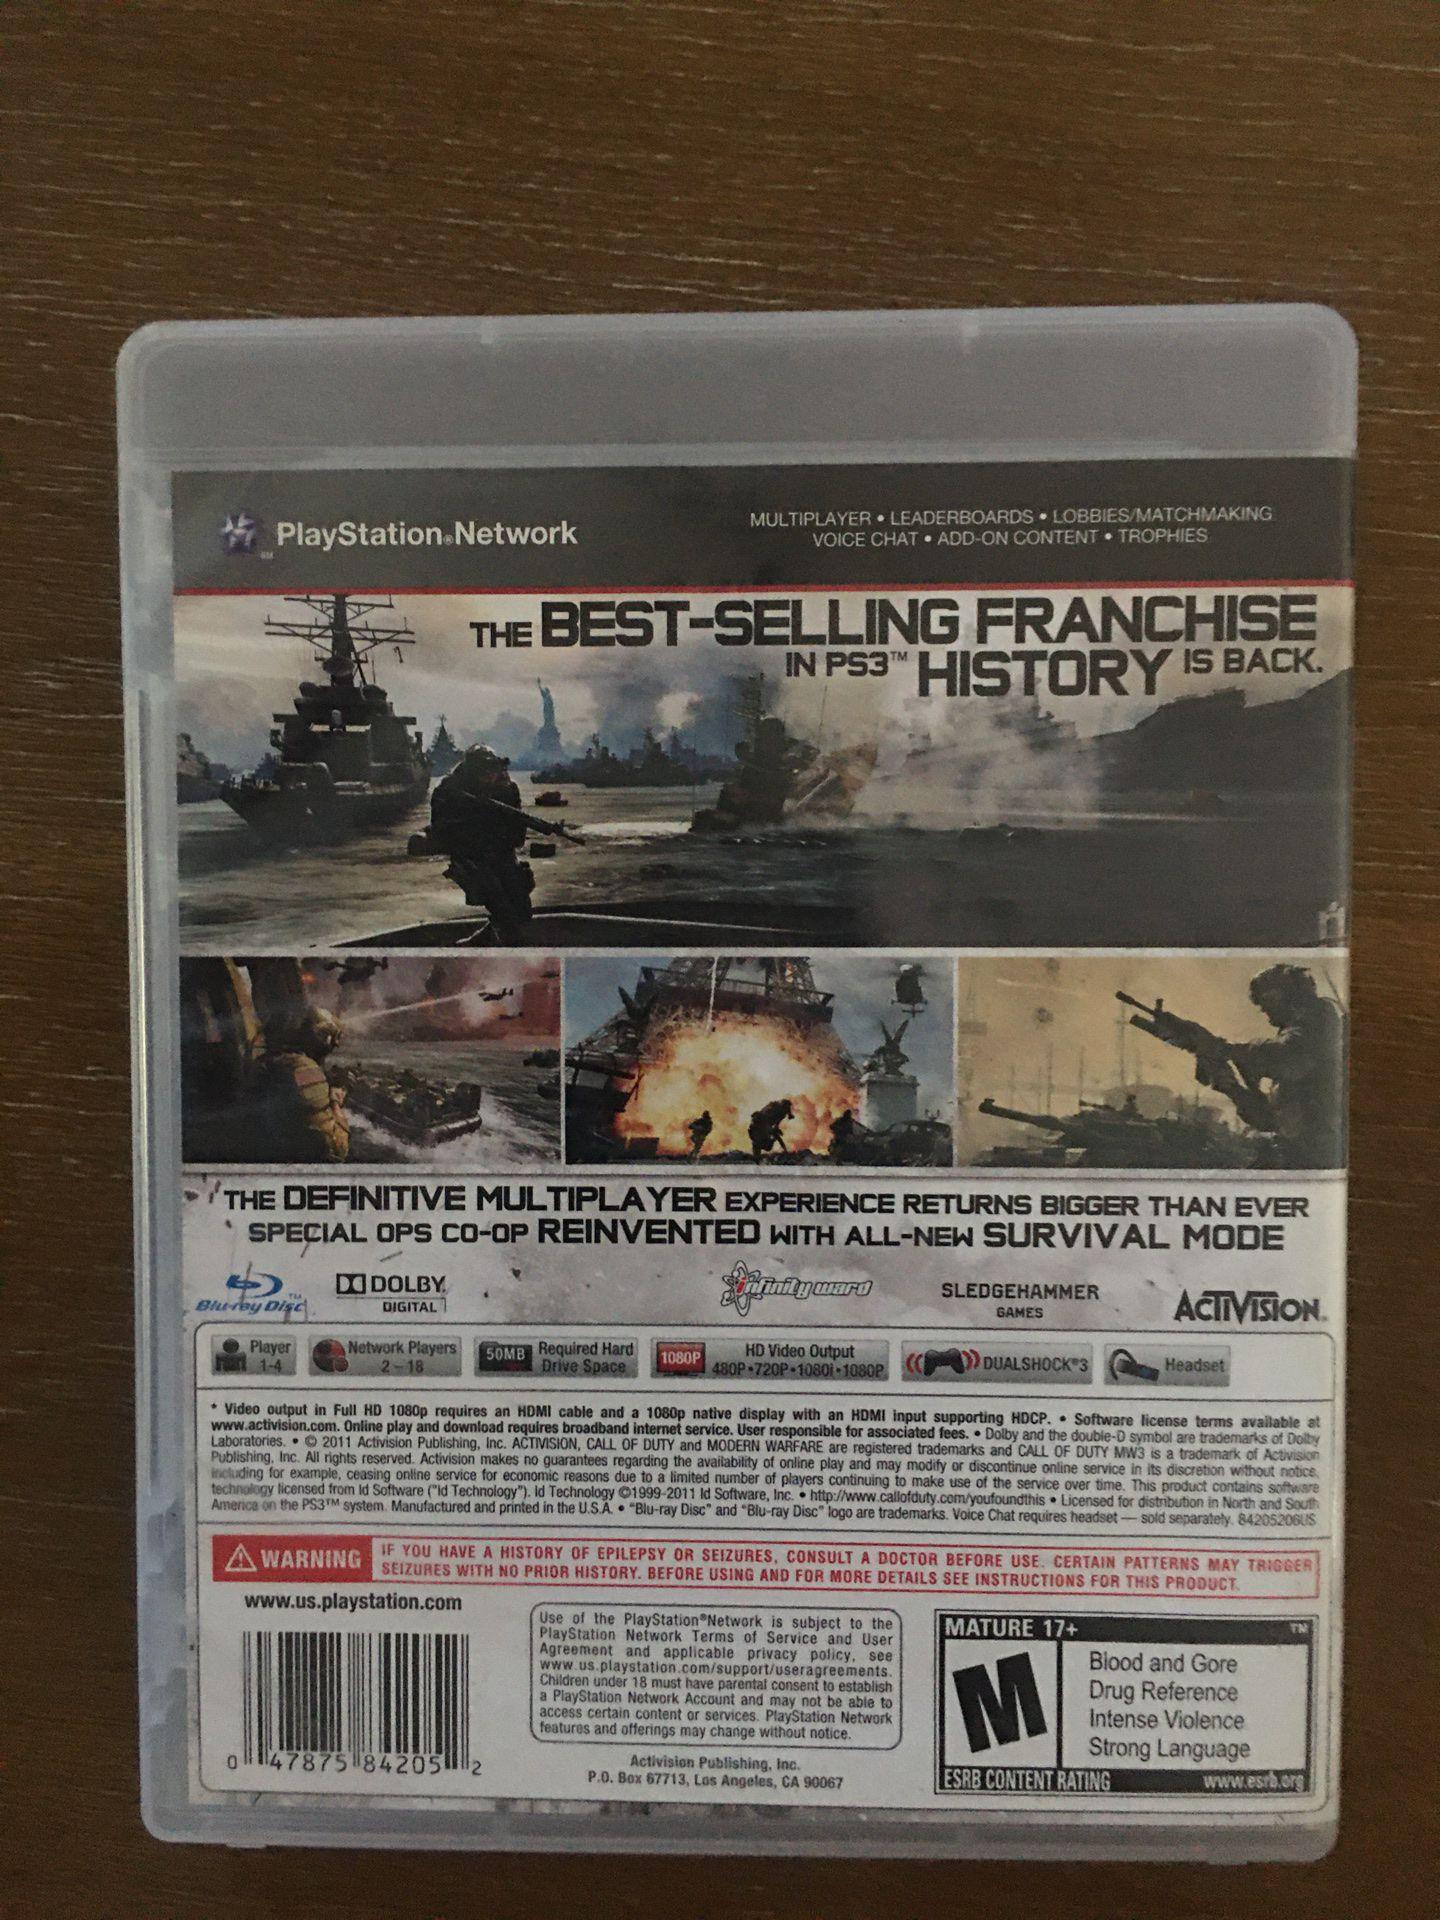 Sony PlayStation ps3 call of duty modern warfare 3